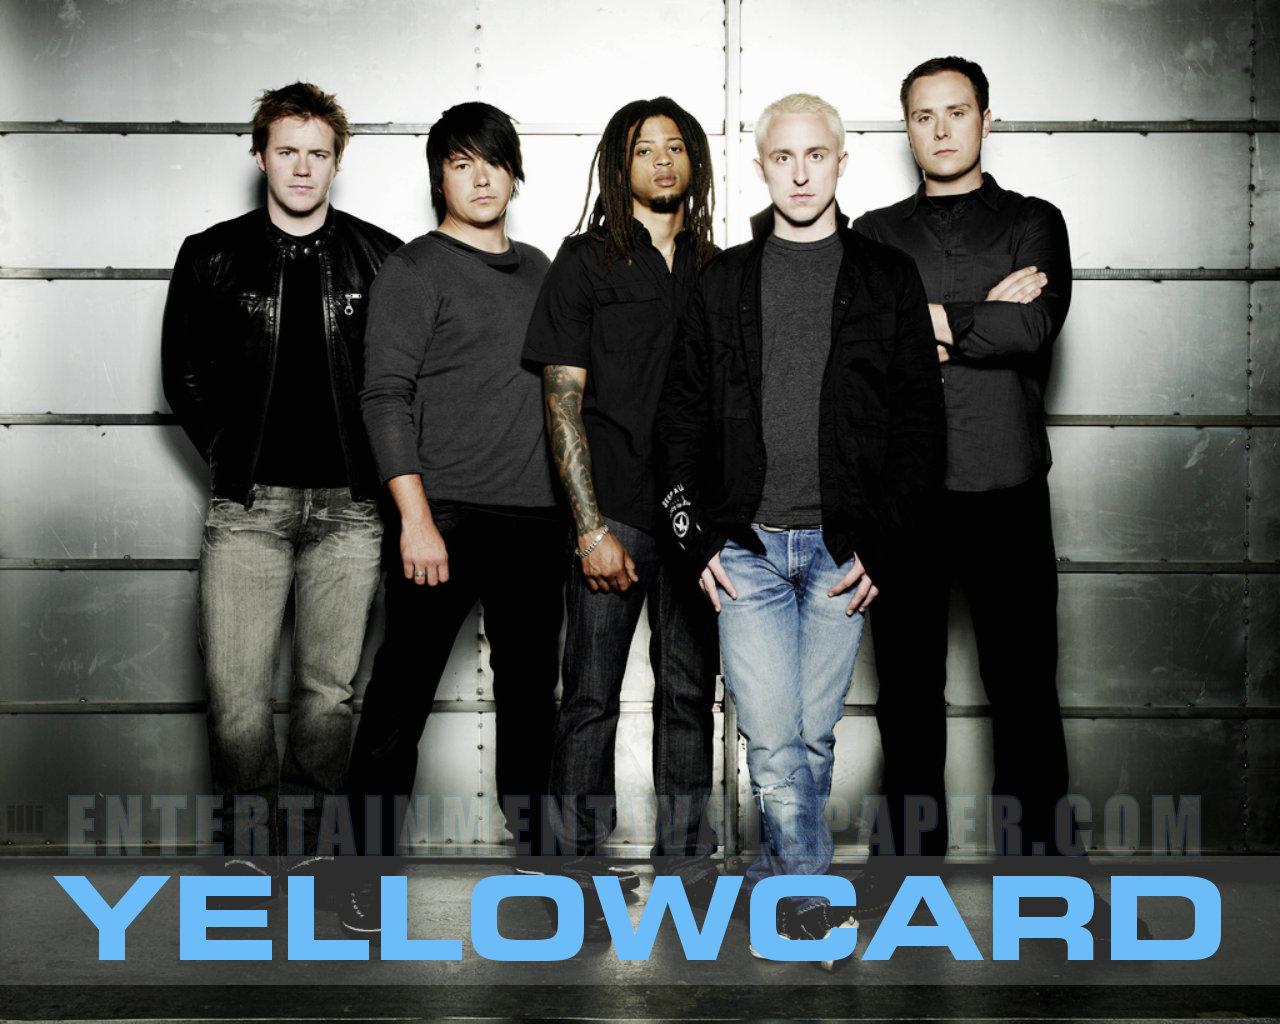 Yellowcard Wallpaper   40026114 1280x1024 Desktop Download page 1280x1024